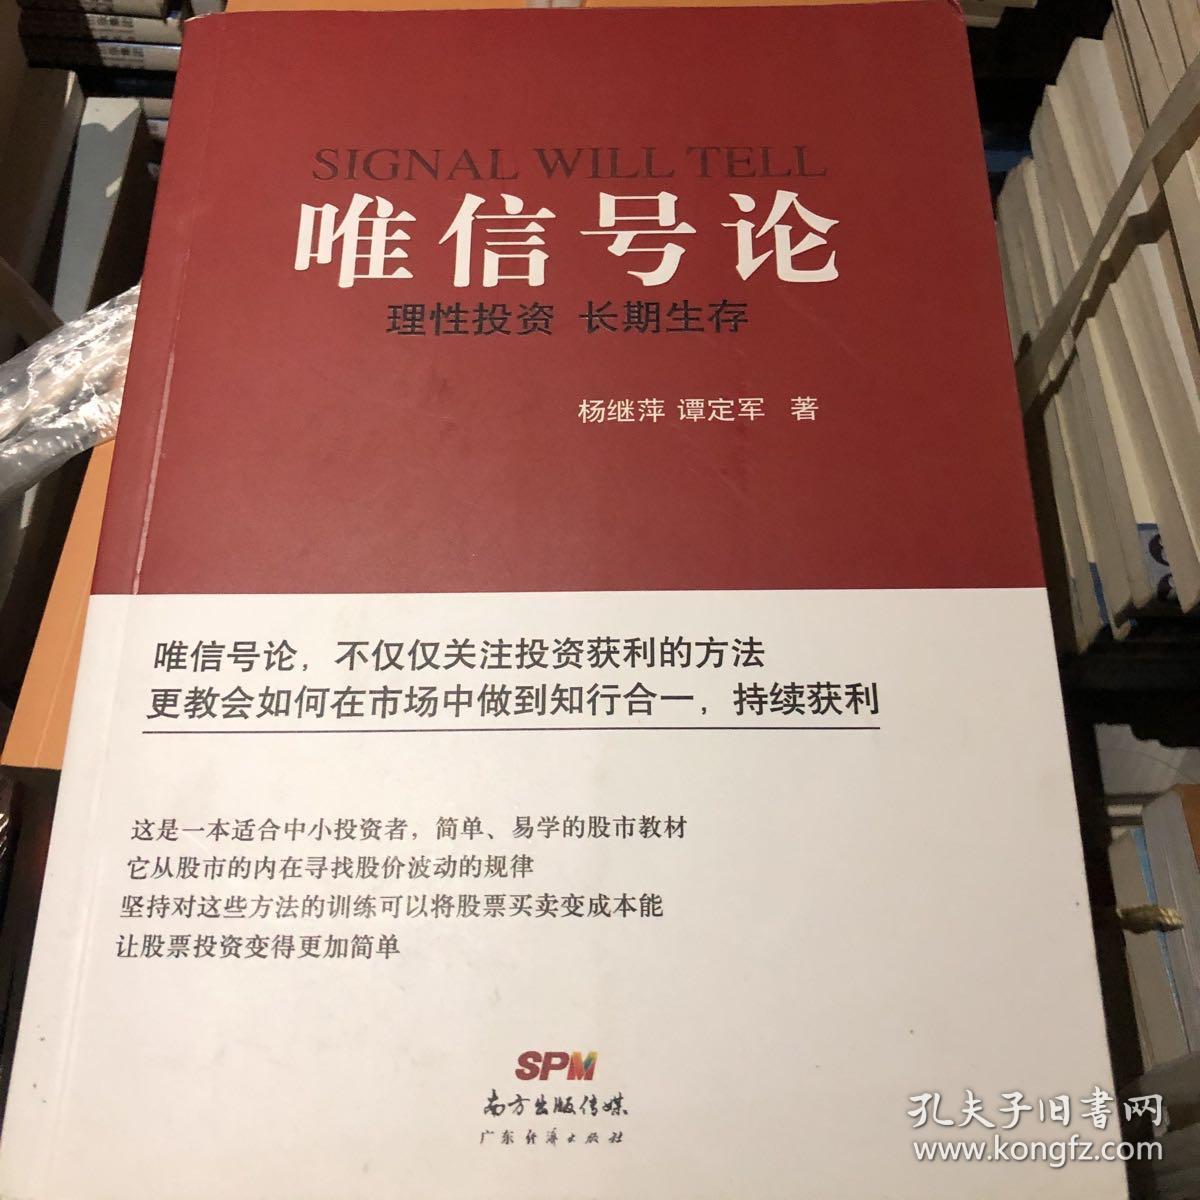 唯信号论:理性投资 长期生存 杨继萍